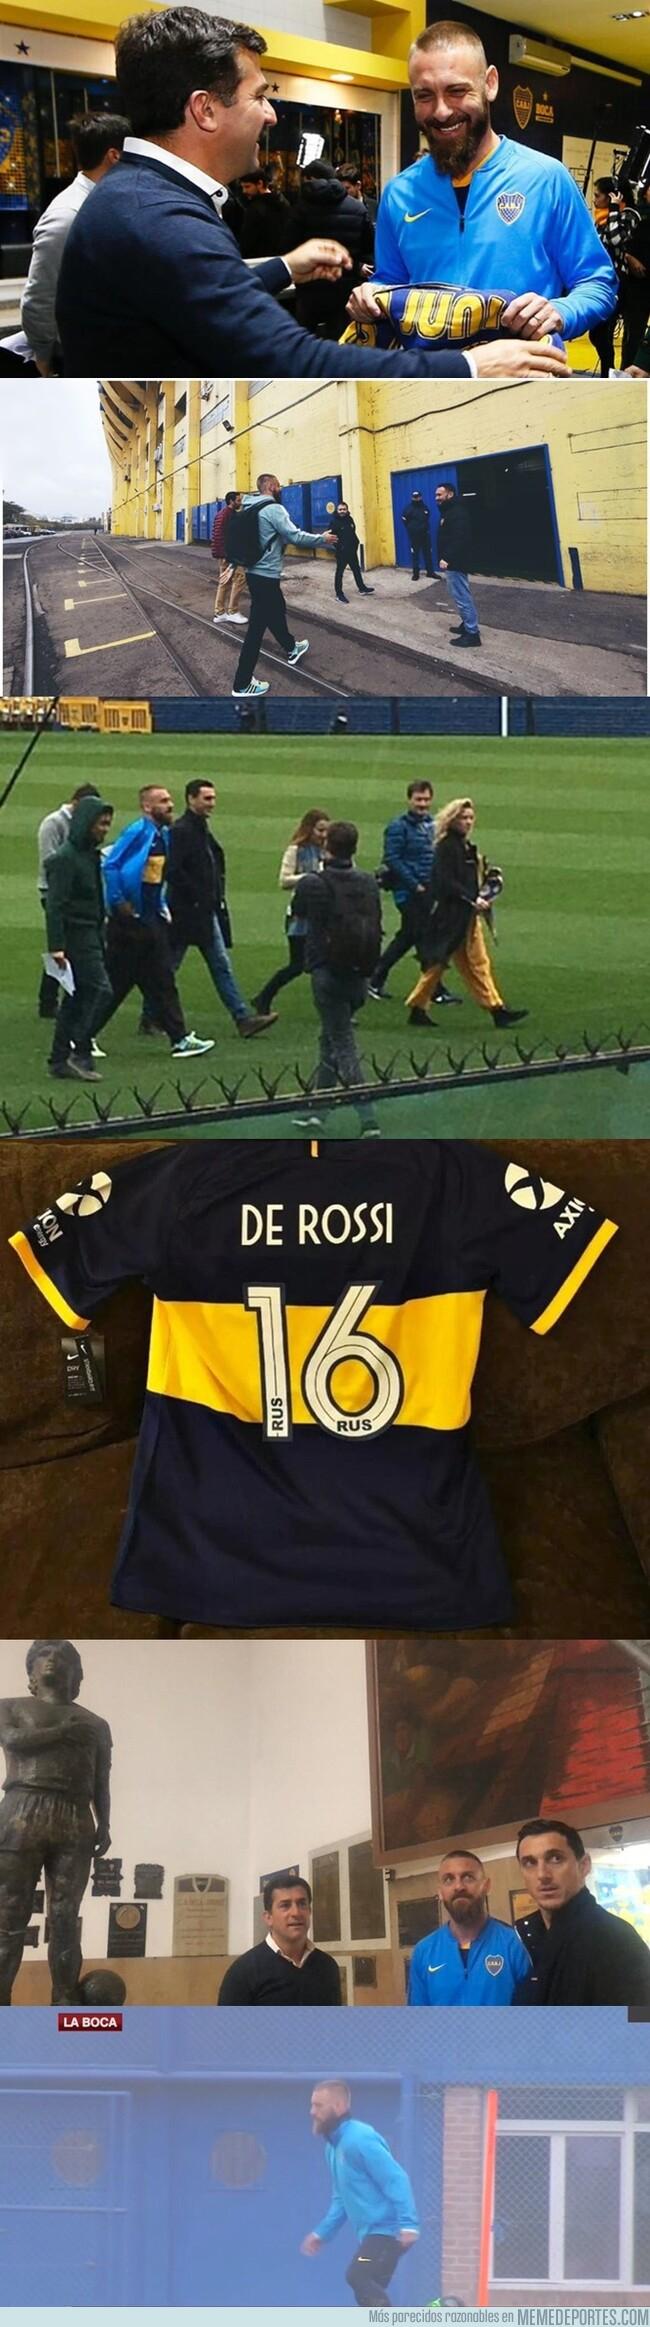 1082037 - De Rossi ya está en Boca. Empezó su etapa en Sudamérica